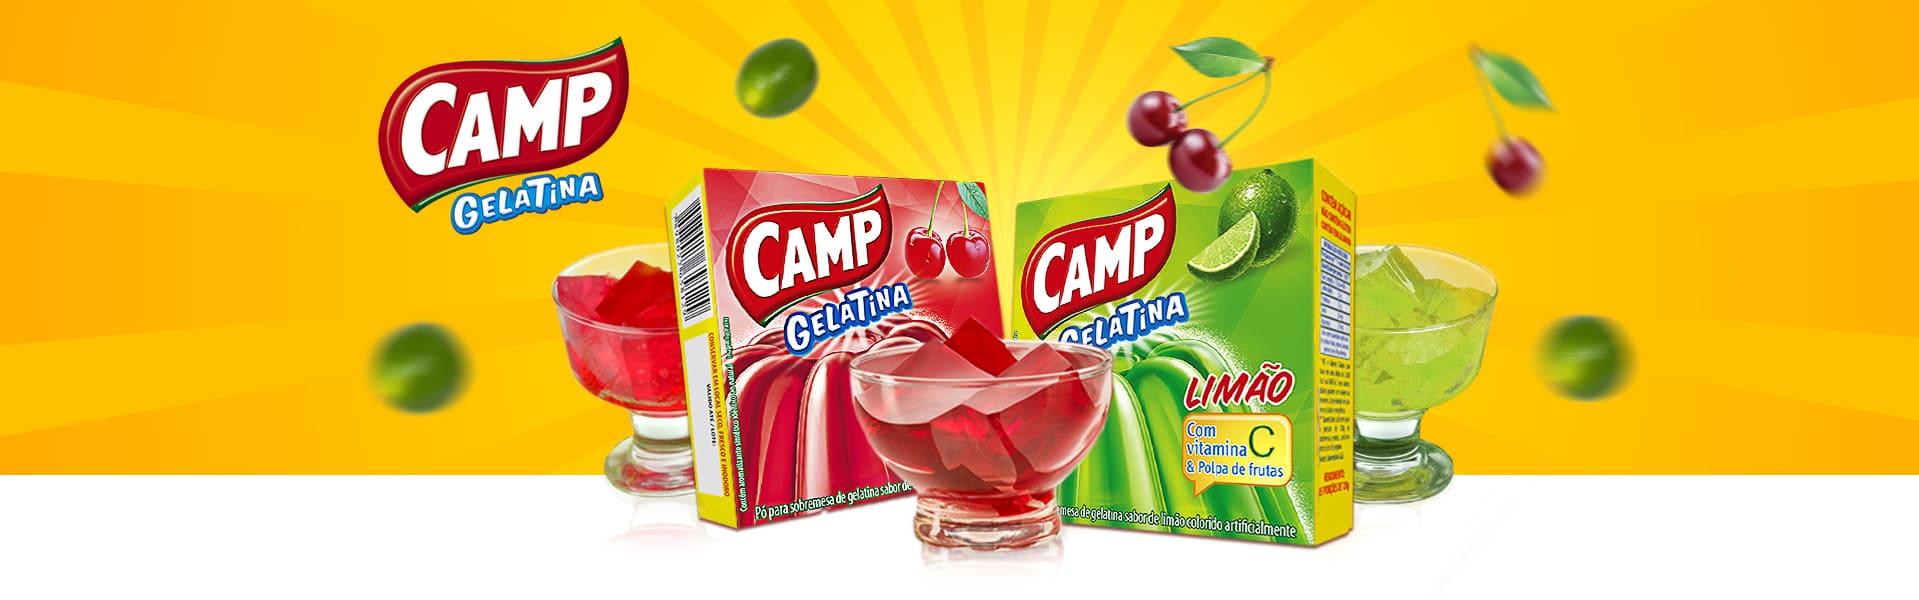 Camp Gelatina